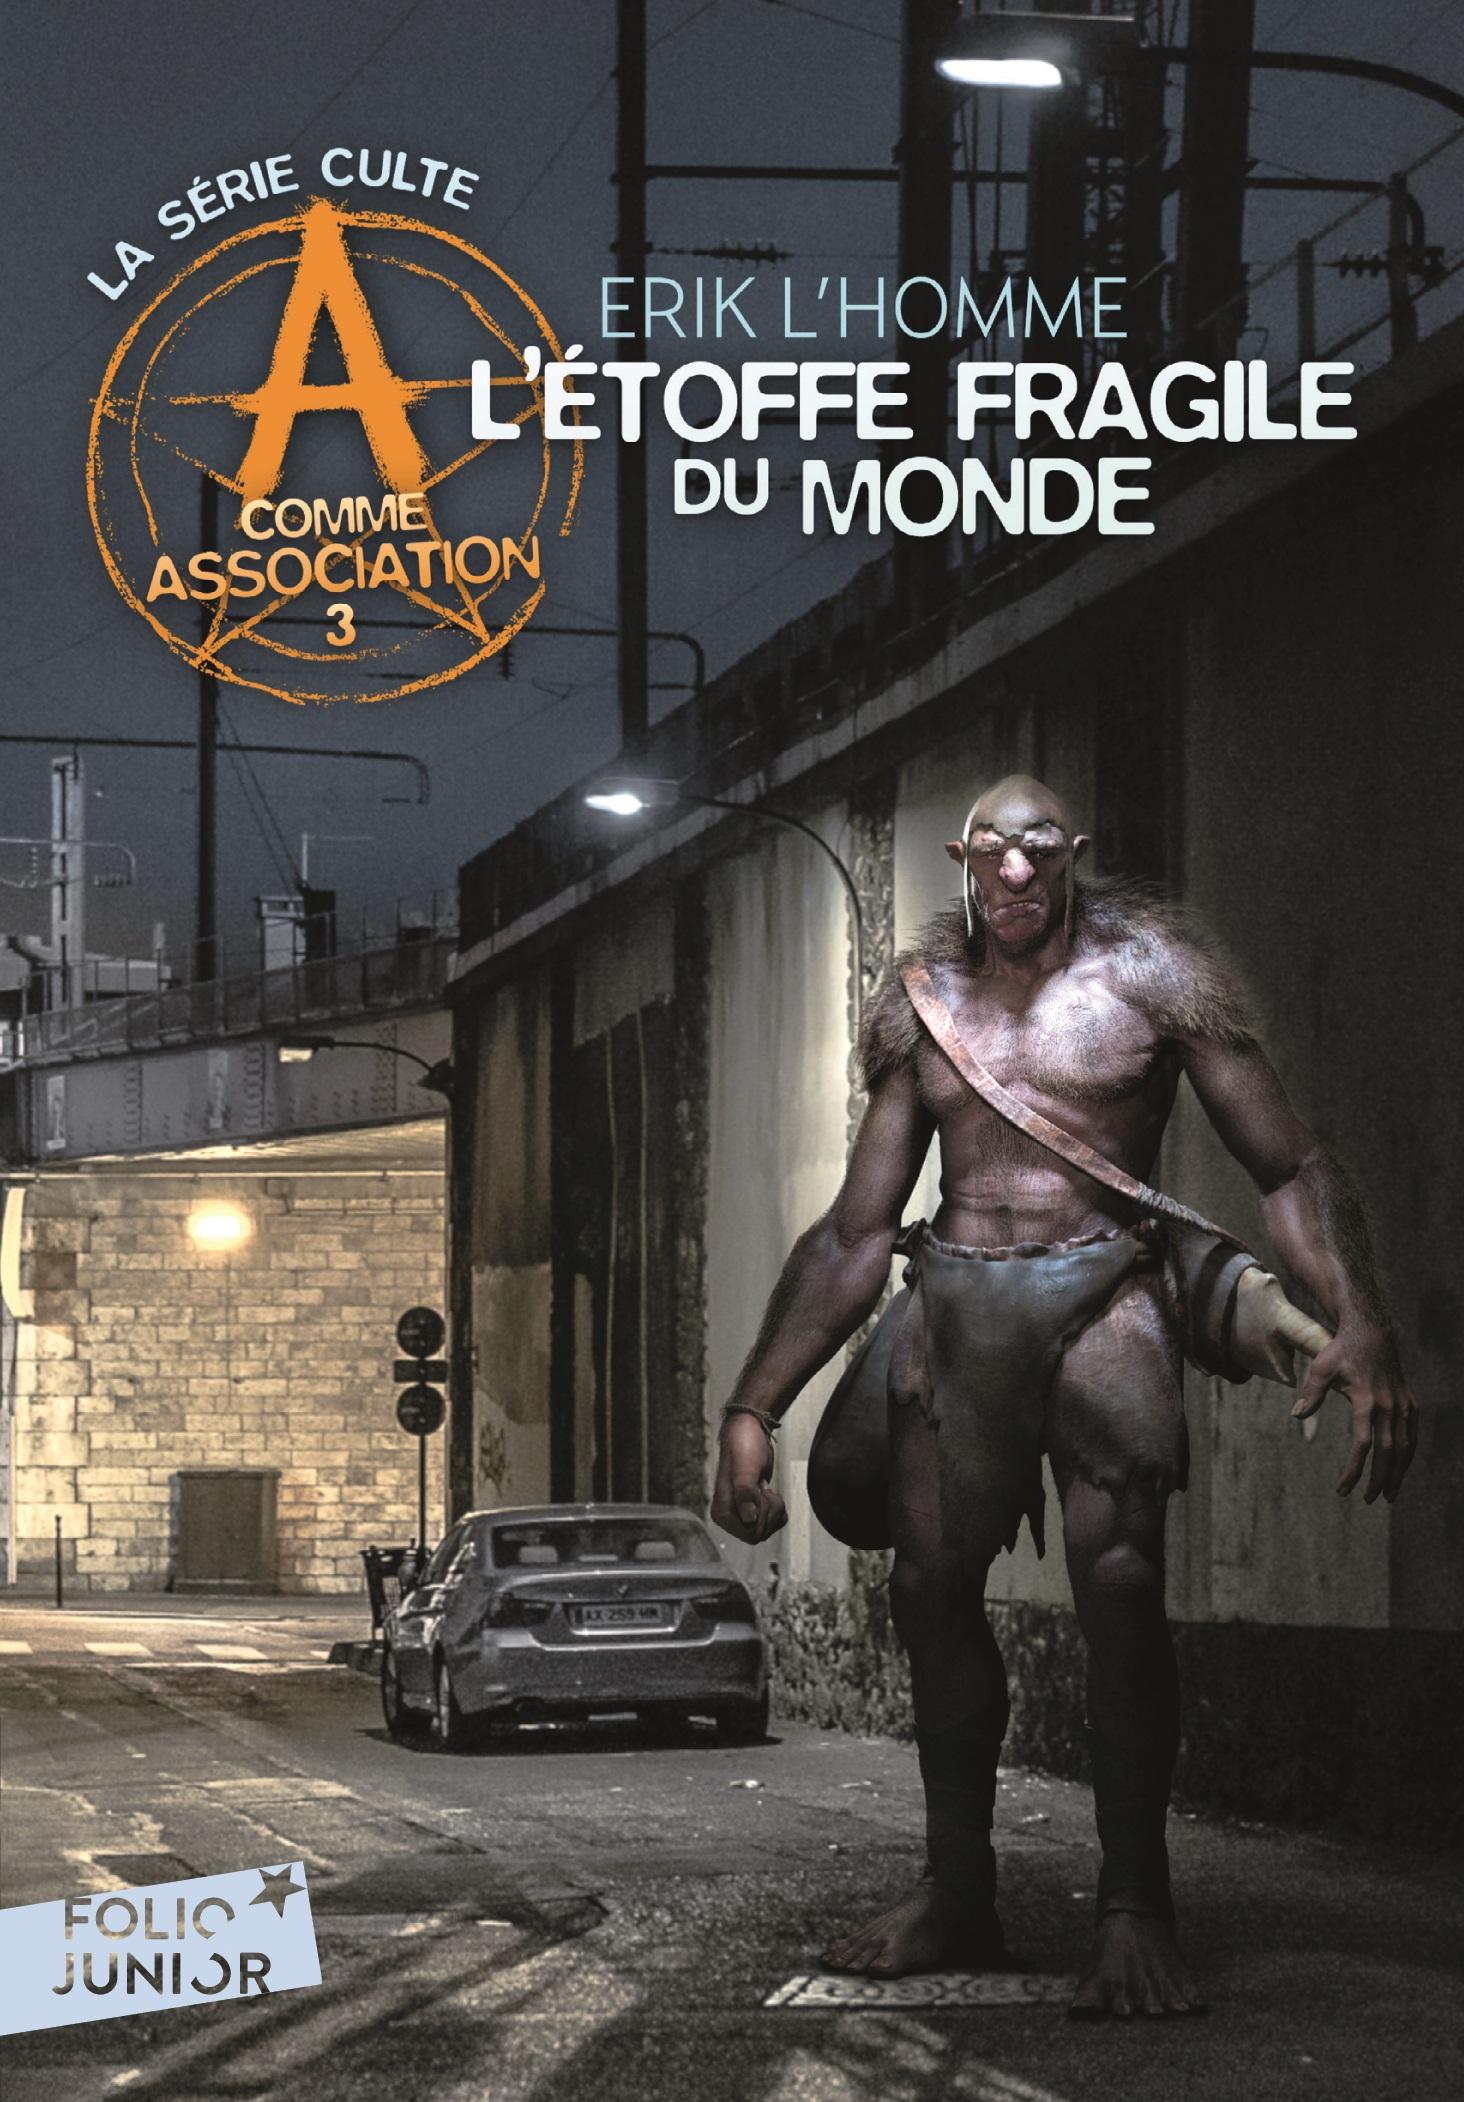 A comme Association (Tome 3) - L'étoffe fragile du monde